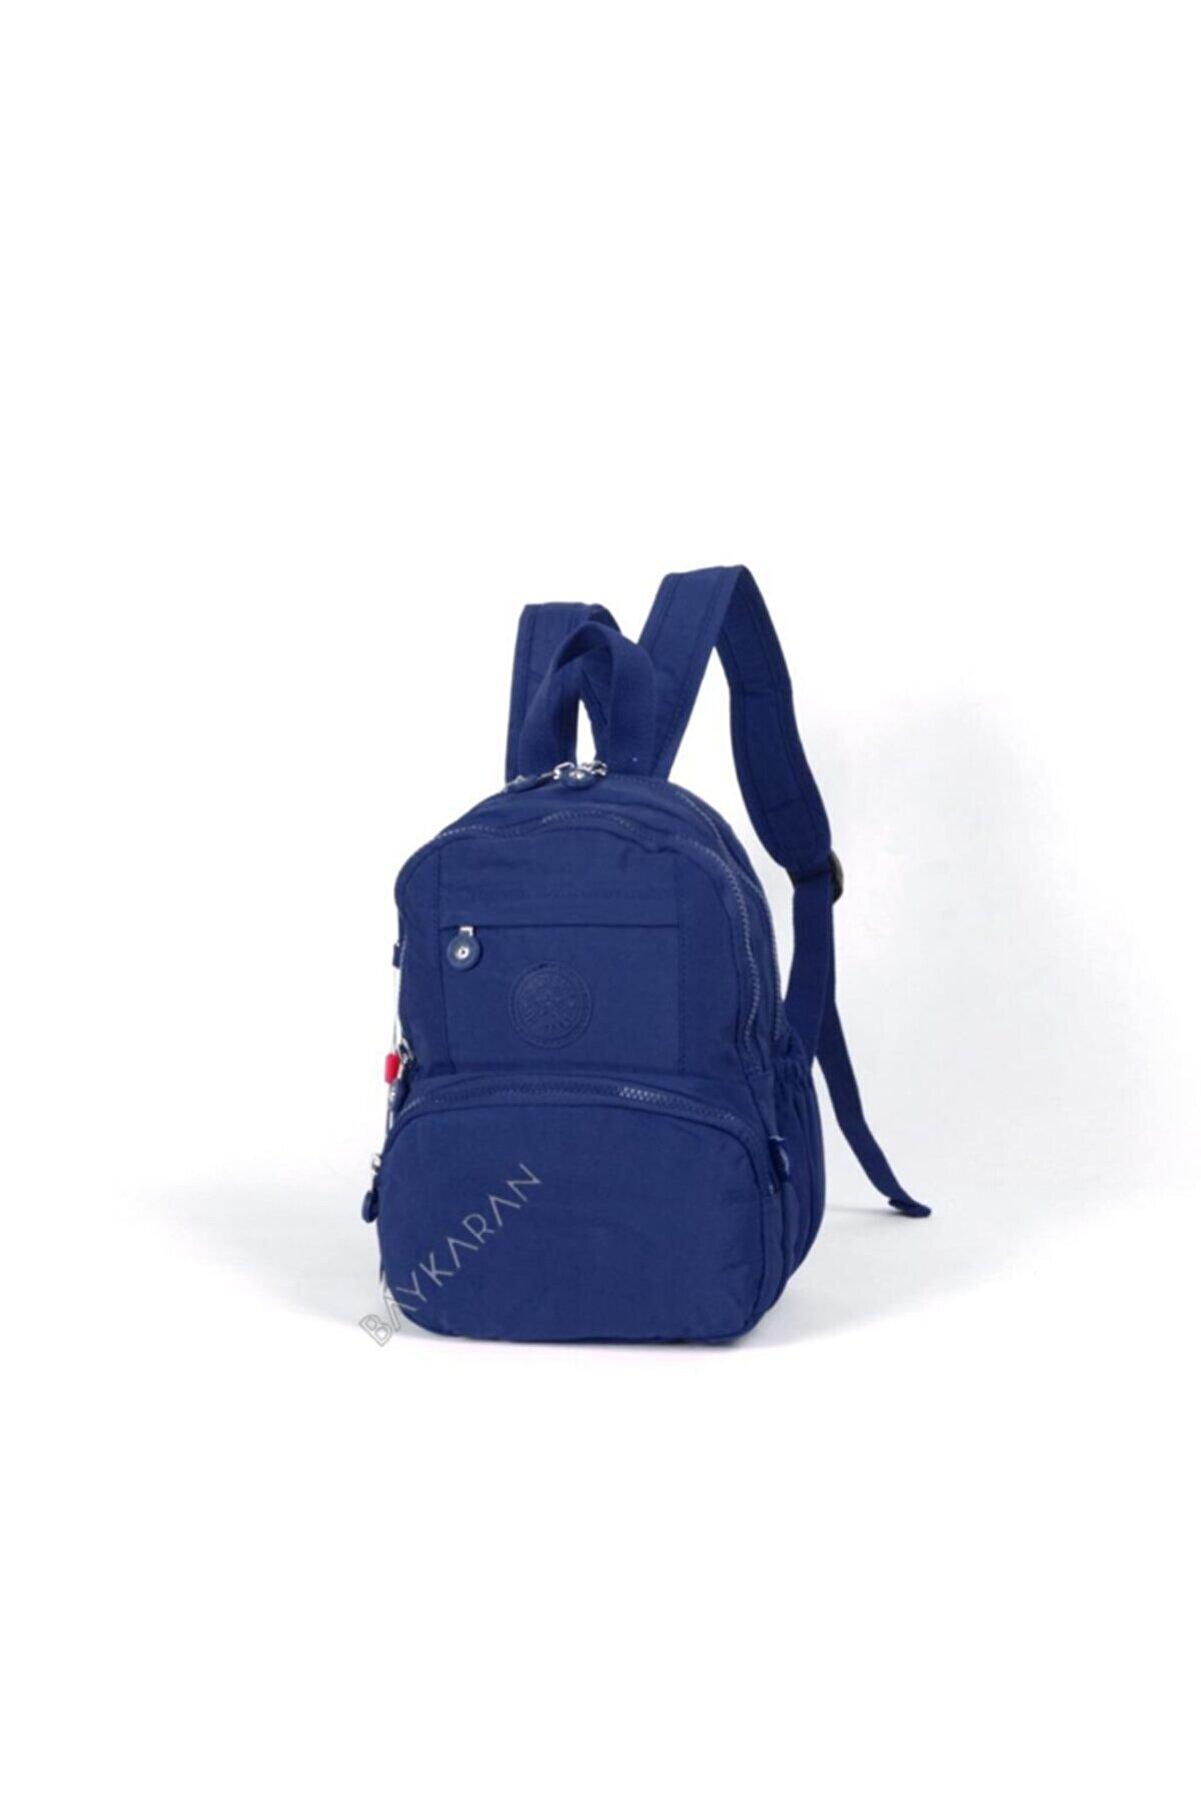 Smart Bags Kadın Lacivert Küçük Boy Sırt Çantası 33 1083